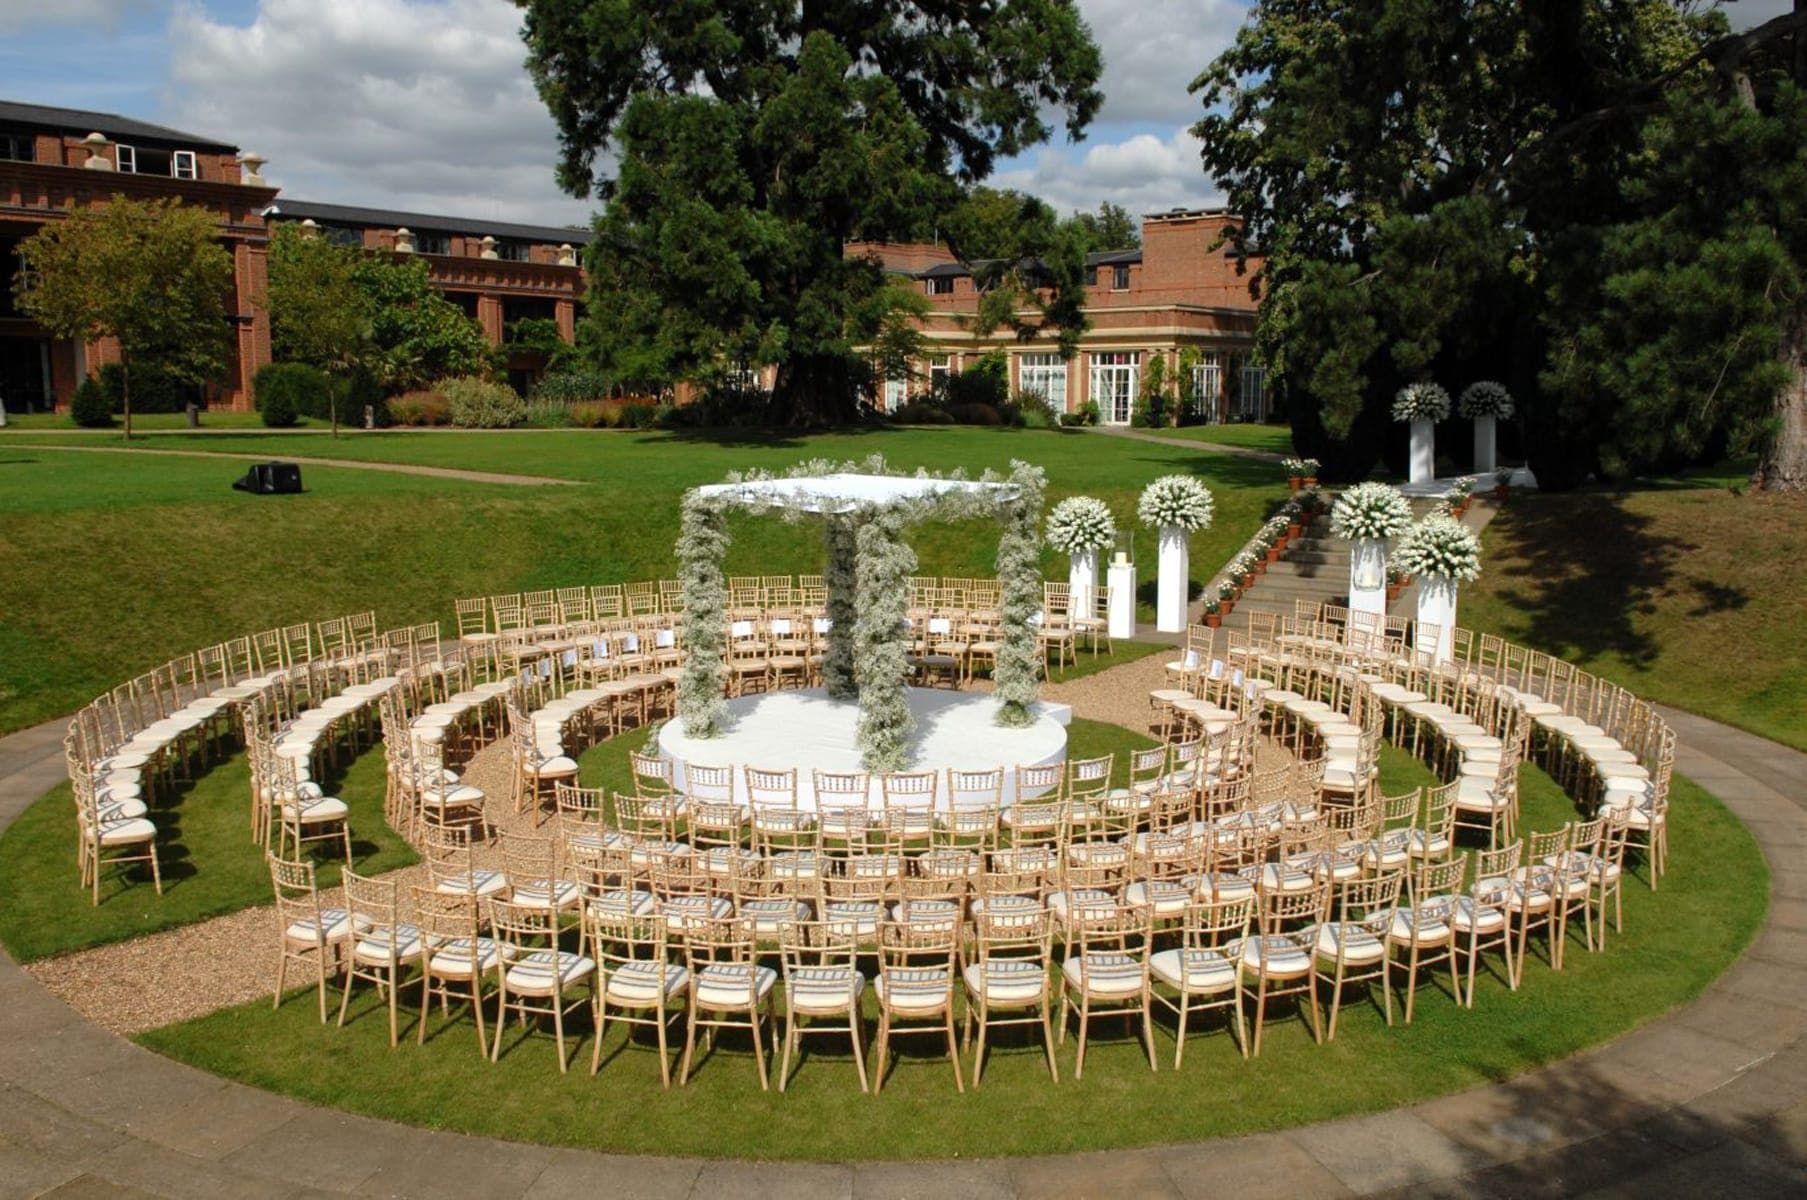 Outdoor Wedding In The Sunken Garden At The Grove Country House Wedding Venues Wedding Venues Hertfordshire Outdoor Wedding